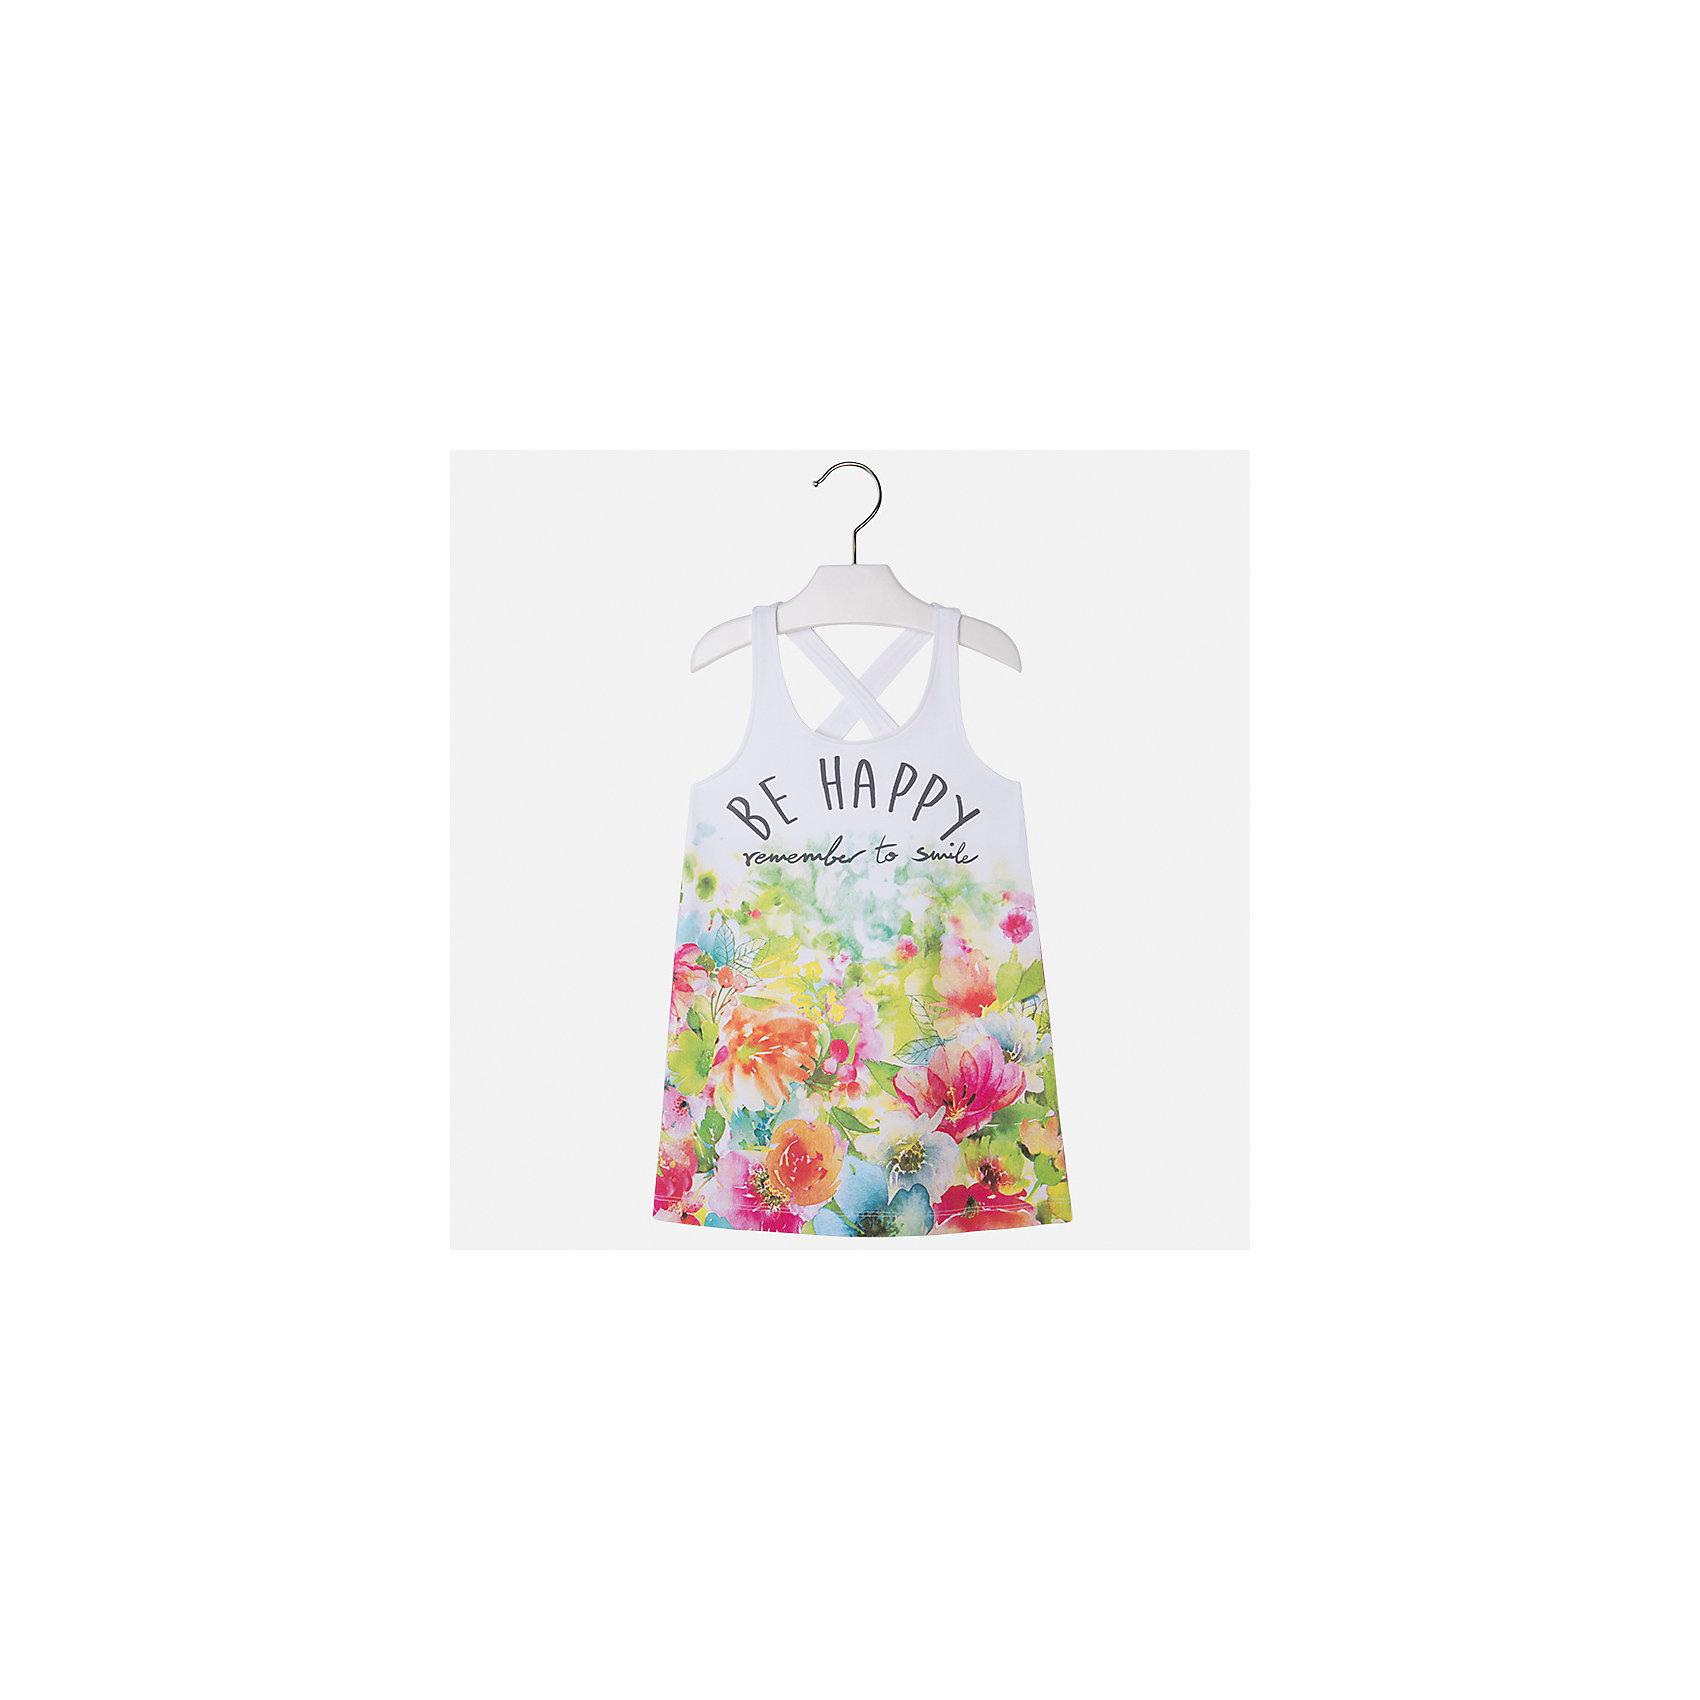 Платье для девочки MayoralХарактеристики товара:<br><br>• цвет: мультиколор<br>• состав: 92% хлопок, 8% эластан<br>• без застежки<br>• принт<br>• без рукавов<br>• без подкладки<br>• страна бренда: Испания<br><br>Модное красивое платье для девочки поможет разнообразить гардероб ребенка и создать эффектный наряд. Оно отлично подойдет для различных случаев. Красивый оттенок позволяет подобрать к вещи обувь разных расцветок. Платье хорошо сидит по фигуре. . В составе материала - натуральный хлопок, гипоаллергенный, приятный на ощупь, дышащий.<br><br>Одежда, обувь и аксессуары от испанского бренда Mayoral полюбились детям и взрослым по всему миру. Модели этой марки - стильные и удобные. Для их производства используются только безопасные, качественные материалы и фурнитура. Порадуйте ребенка модными и красивыми вещами от Mayoral! <br><br>Платье для девочки от испанского бренда Mayoral (Майорал) можно купить в нашем интернет-магазине.<br><br>Ширина мм: 236<br>Глубина мм: 16<br>Высота мм: 184<br>Вес г: 177<br>Цвет: зеленый<br>Возраст от месяцев: 84<br>Возраст до месяцев: 96<br>Пол: Женский<br>Возраст: Детский<br>Размер: 110,104,98,92,134,128,122,116<br>SKU: 5292434